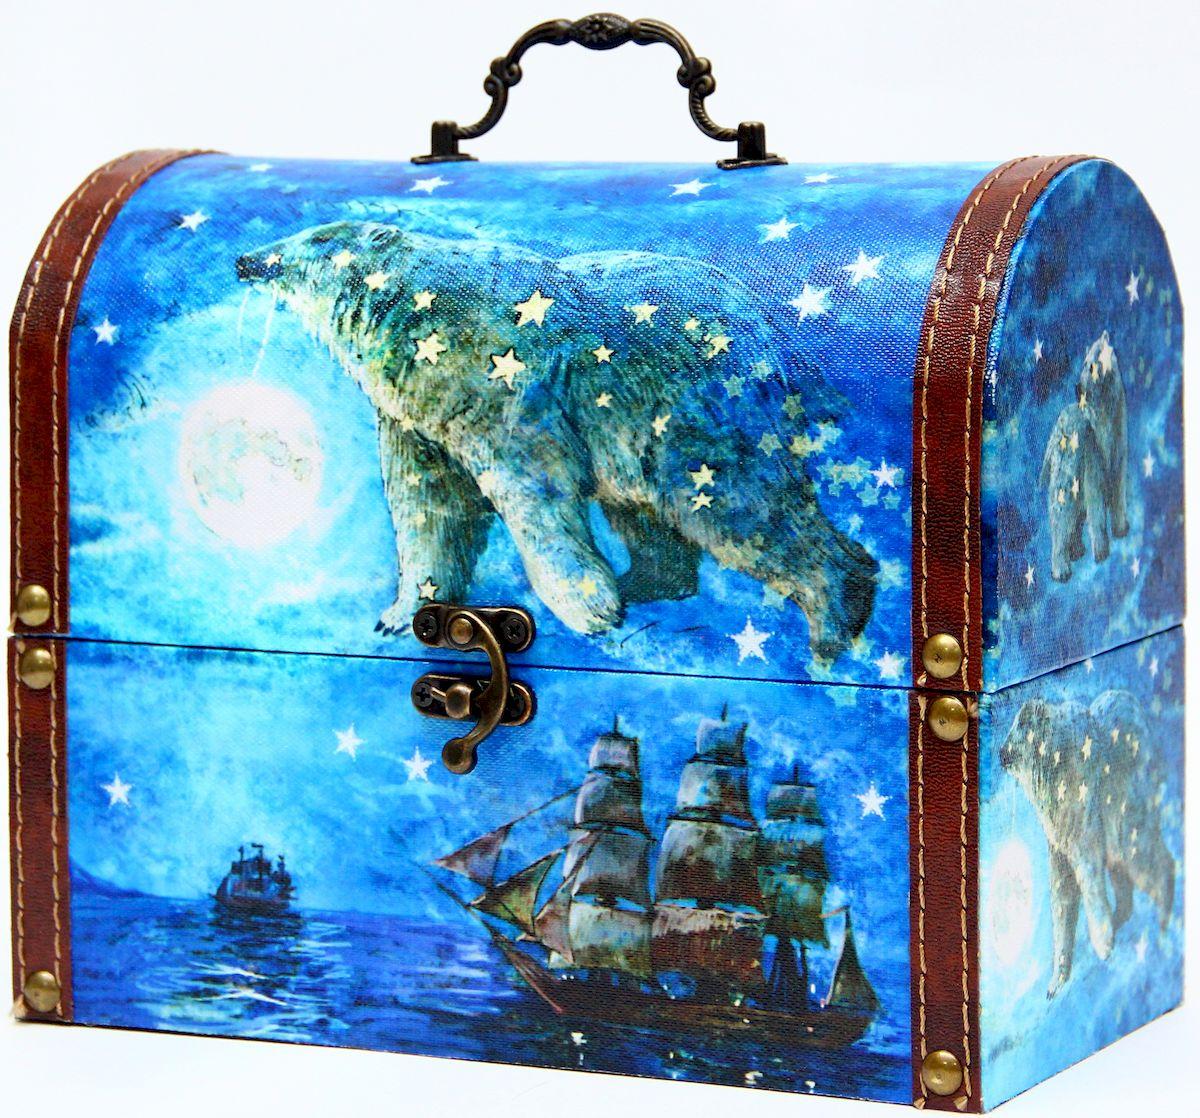 Шкатулка декоративная Magic Home Большая медведица, цвет: синий, 22 х 11 х 17,5 см3603-RT-12DДекоративная шкатулка Magic Home Большая медведица, выполненная из МДФ, оформлена ярким цветным изображением. Изделие закрывается на металлический замок и оснащено оригинальной ручкой под старину для переноски.Такая шкатулка может использоваться для хранения бижутерии, предметов рукоделия, в качестве украшения интерьера, а также послужит хорошим подарком для человека, ценящего практичные и оригинальные вещицы.